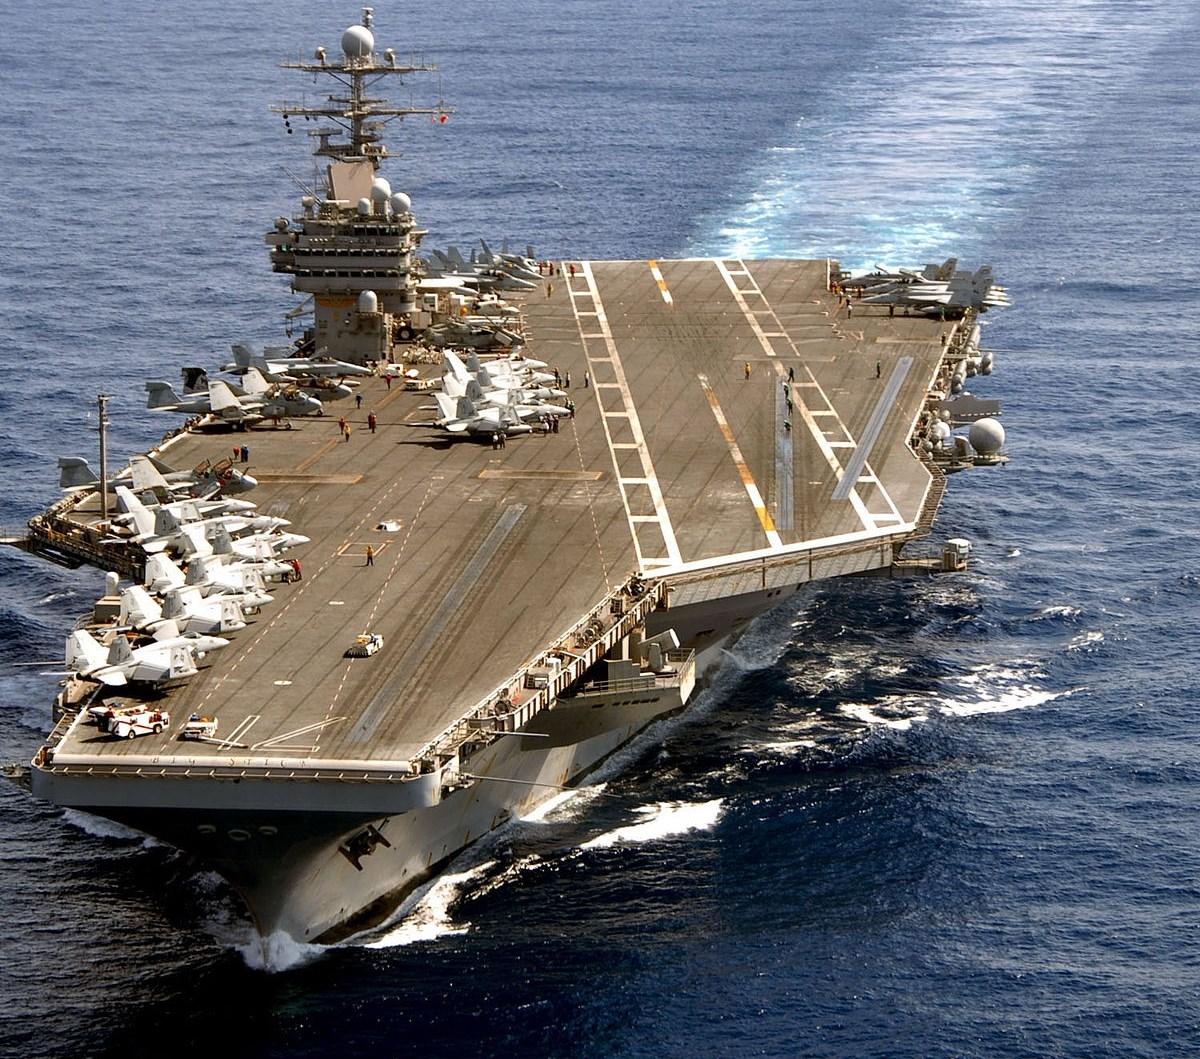 """أسوشيتد برس"""": حشد أميركي هائل في المحيطين الهادئ والهندي كتحذير للصين"""